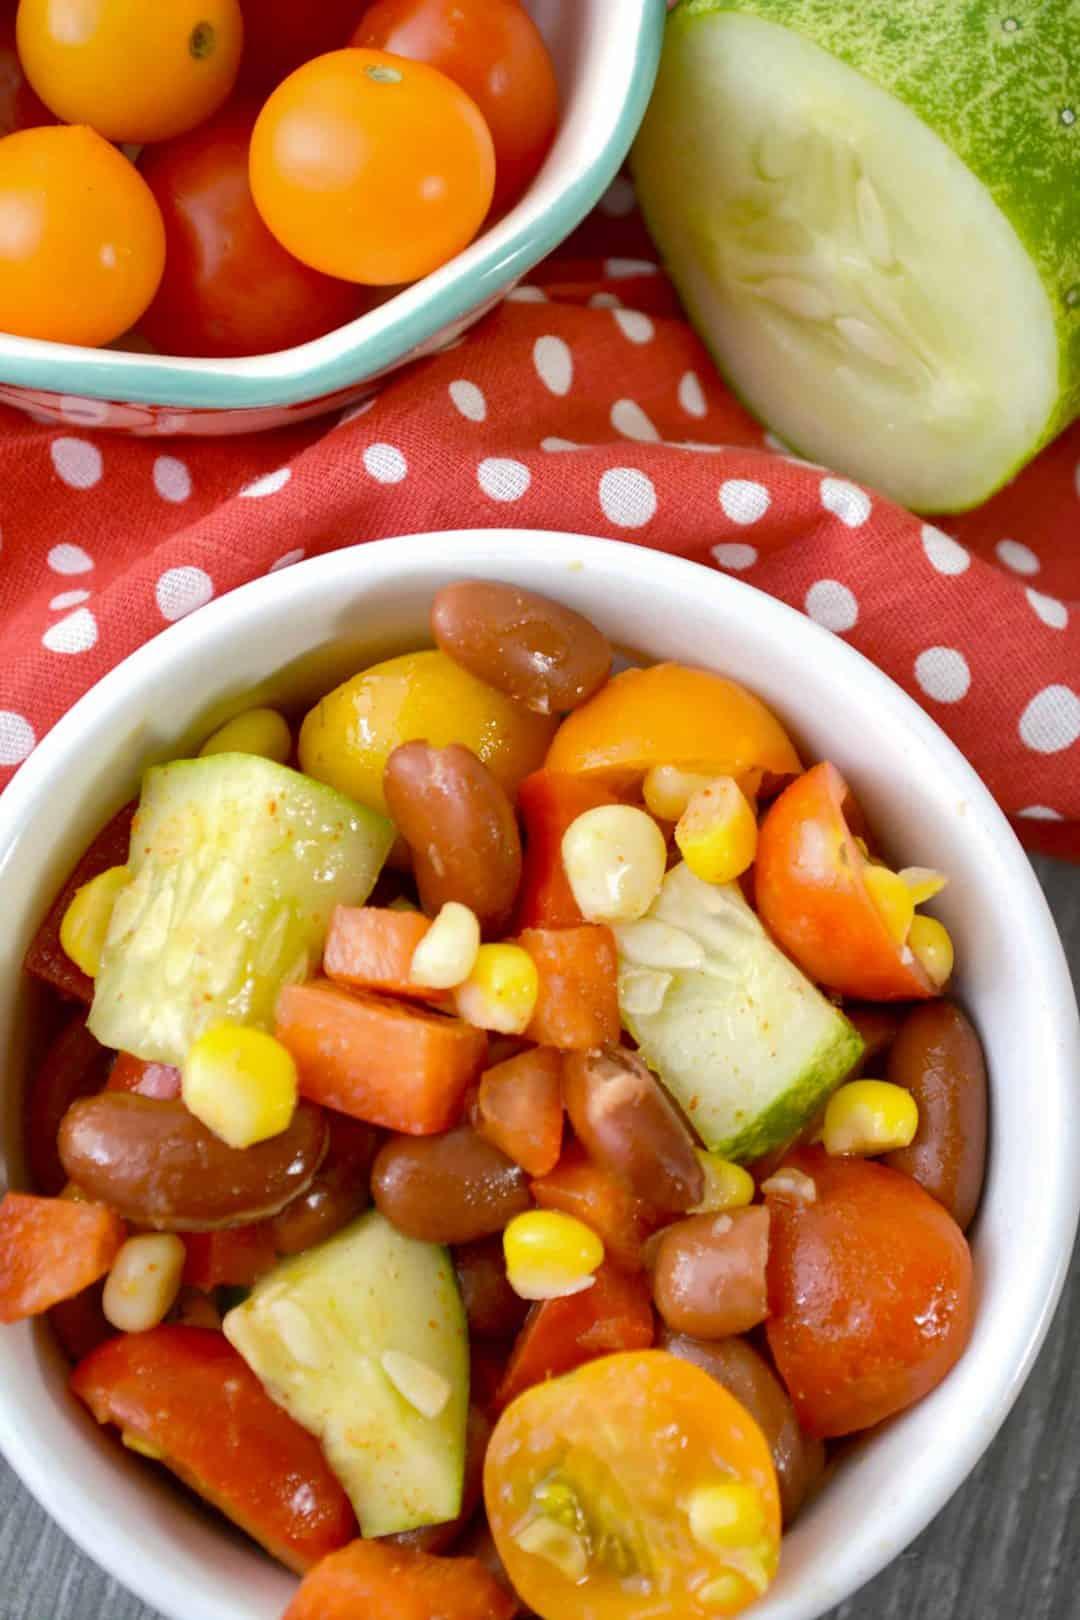 Summer Kidney Bean Salad Recipe